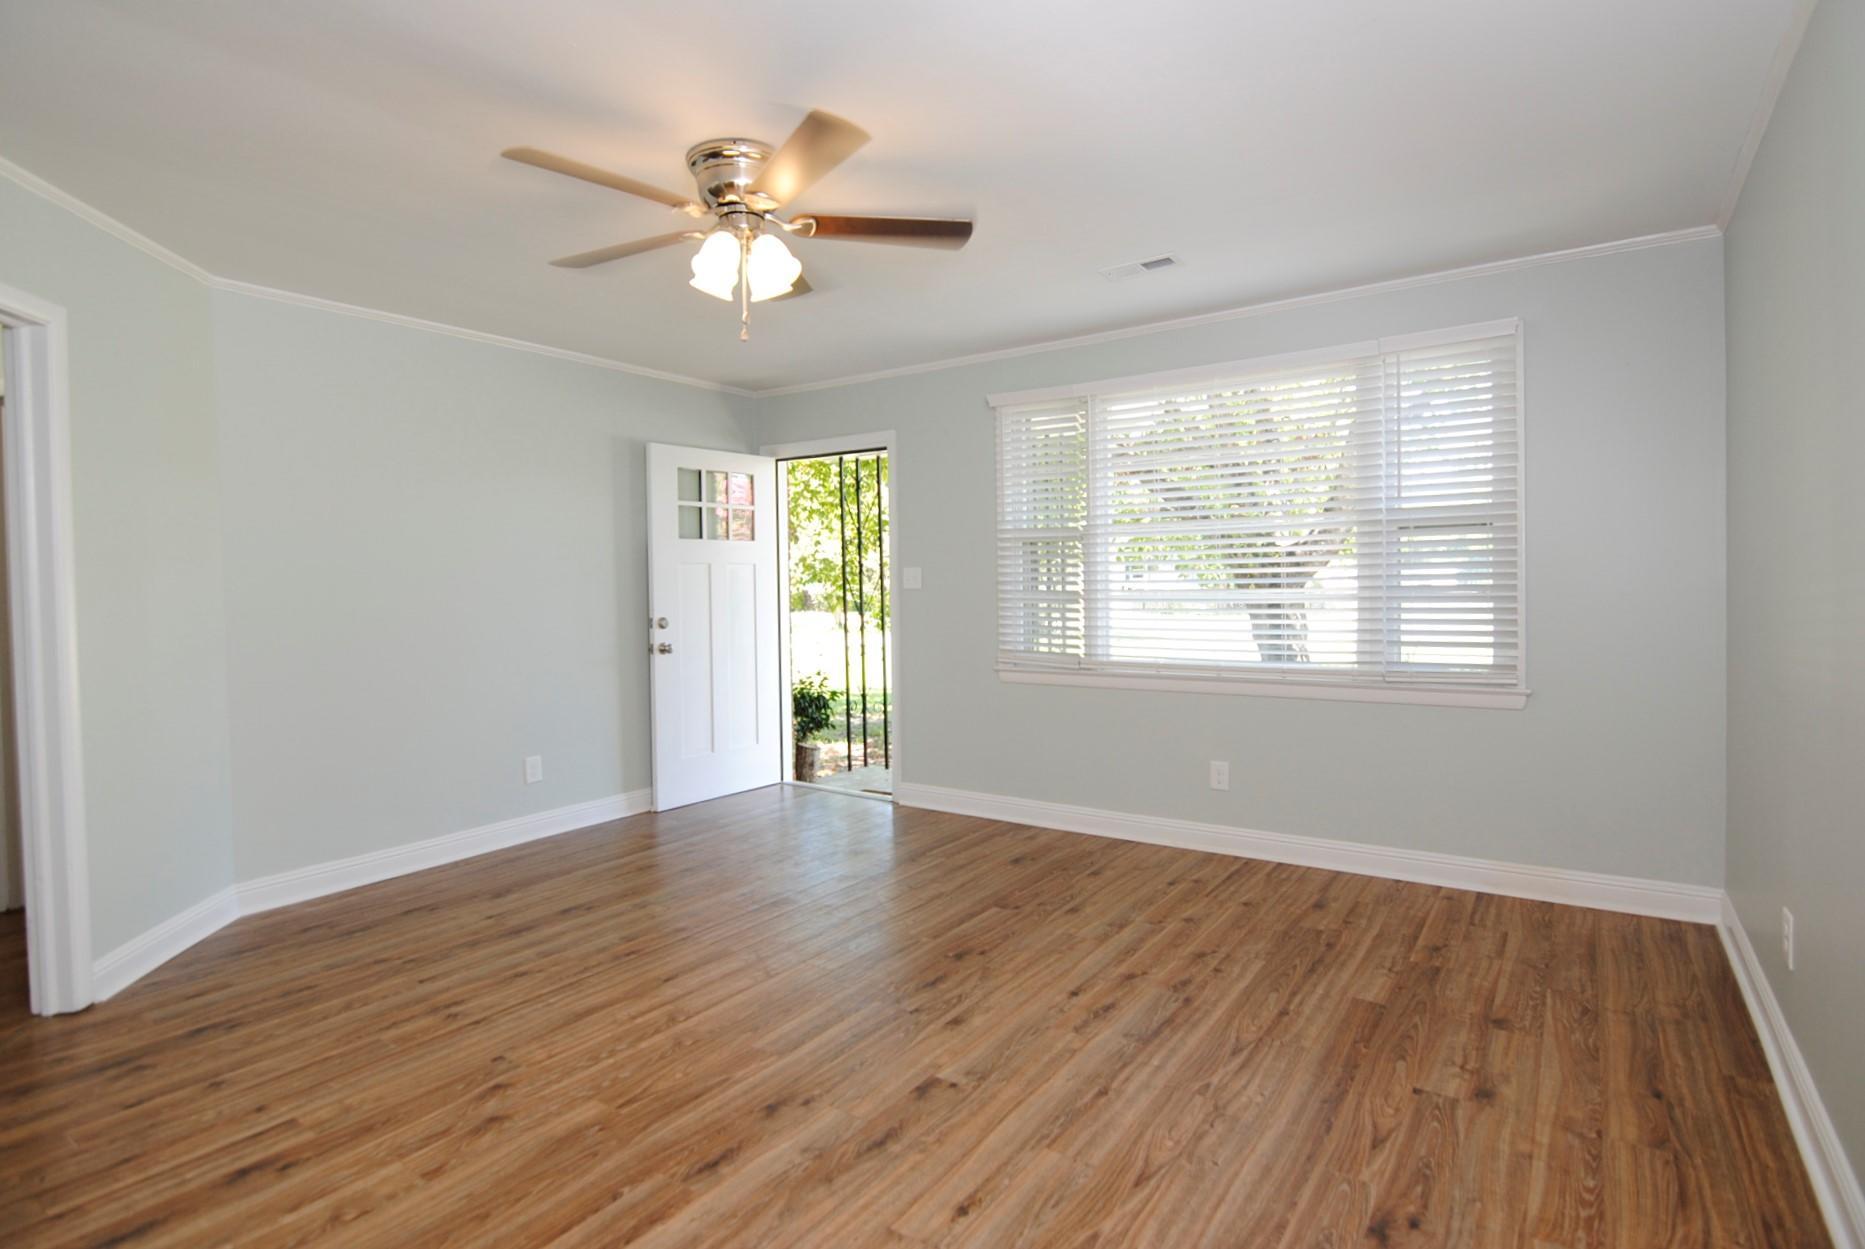 Pinopolis Homes For Sale - 1126 Sugar Hill, Moncks Corner, SC - 0